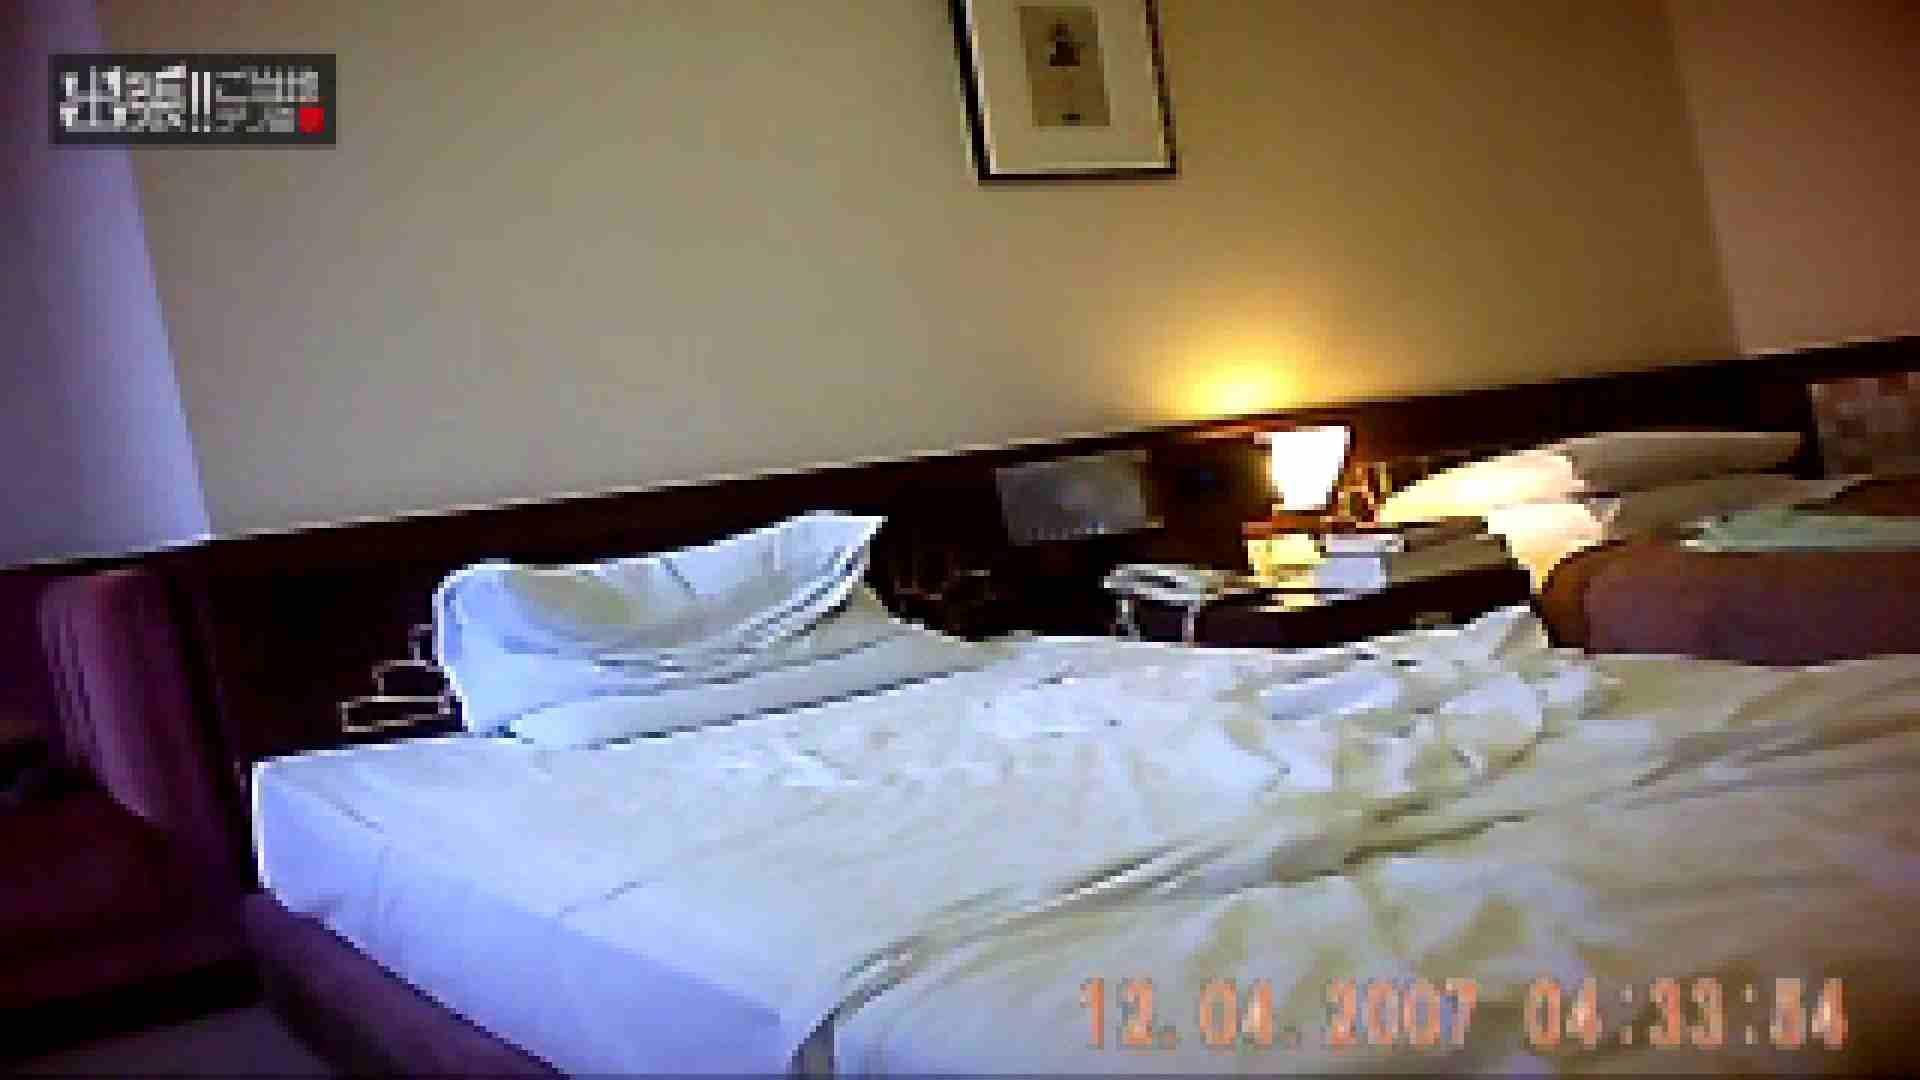 出張リーマンのデリ嬢隠し撮り第2弾vol.3 美しいOLの裸体 エロ画像 105pic 98